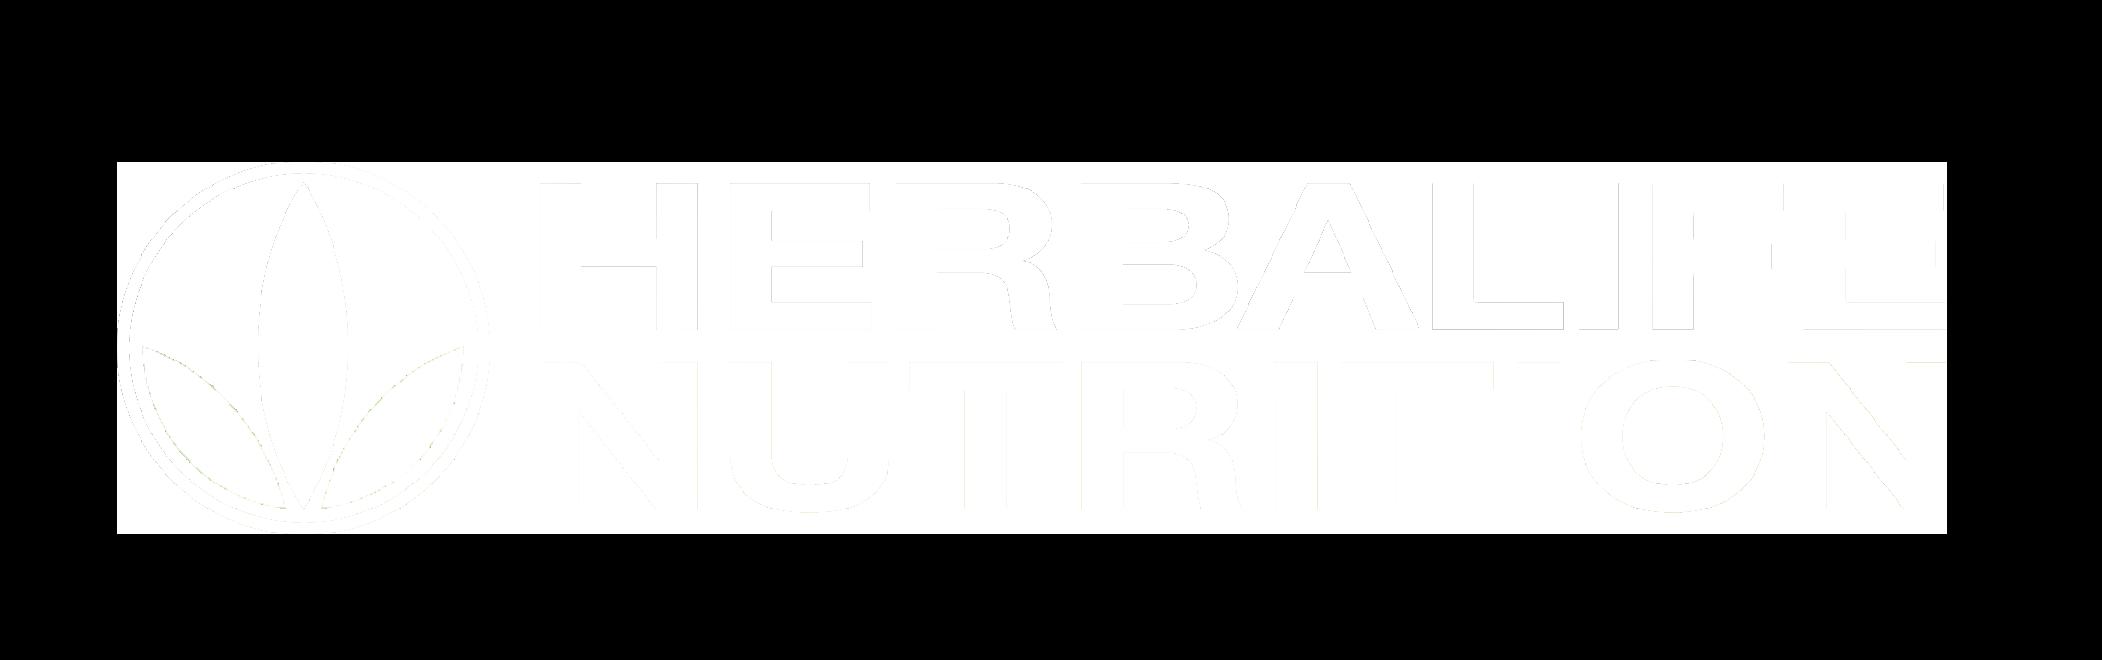 Herbalife_white logo_5521